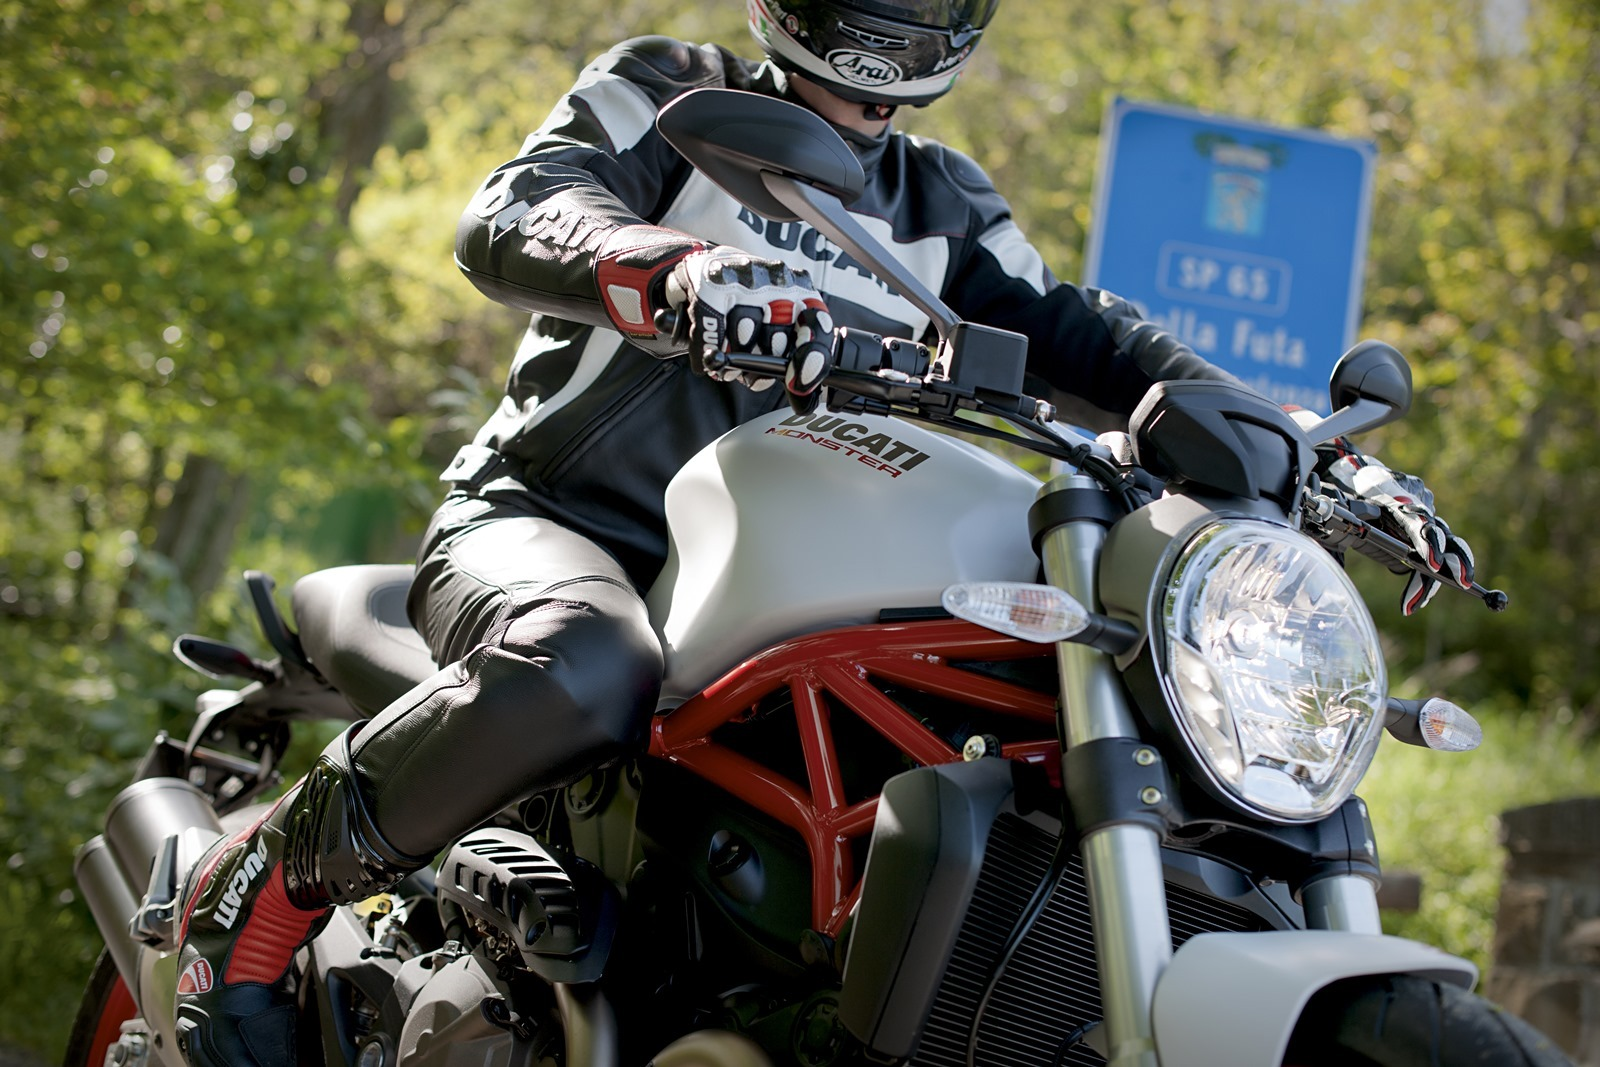 Ducati Monster 821 >> Ducati Monster 821, en acción y estudio (22/115)